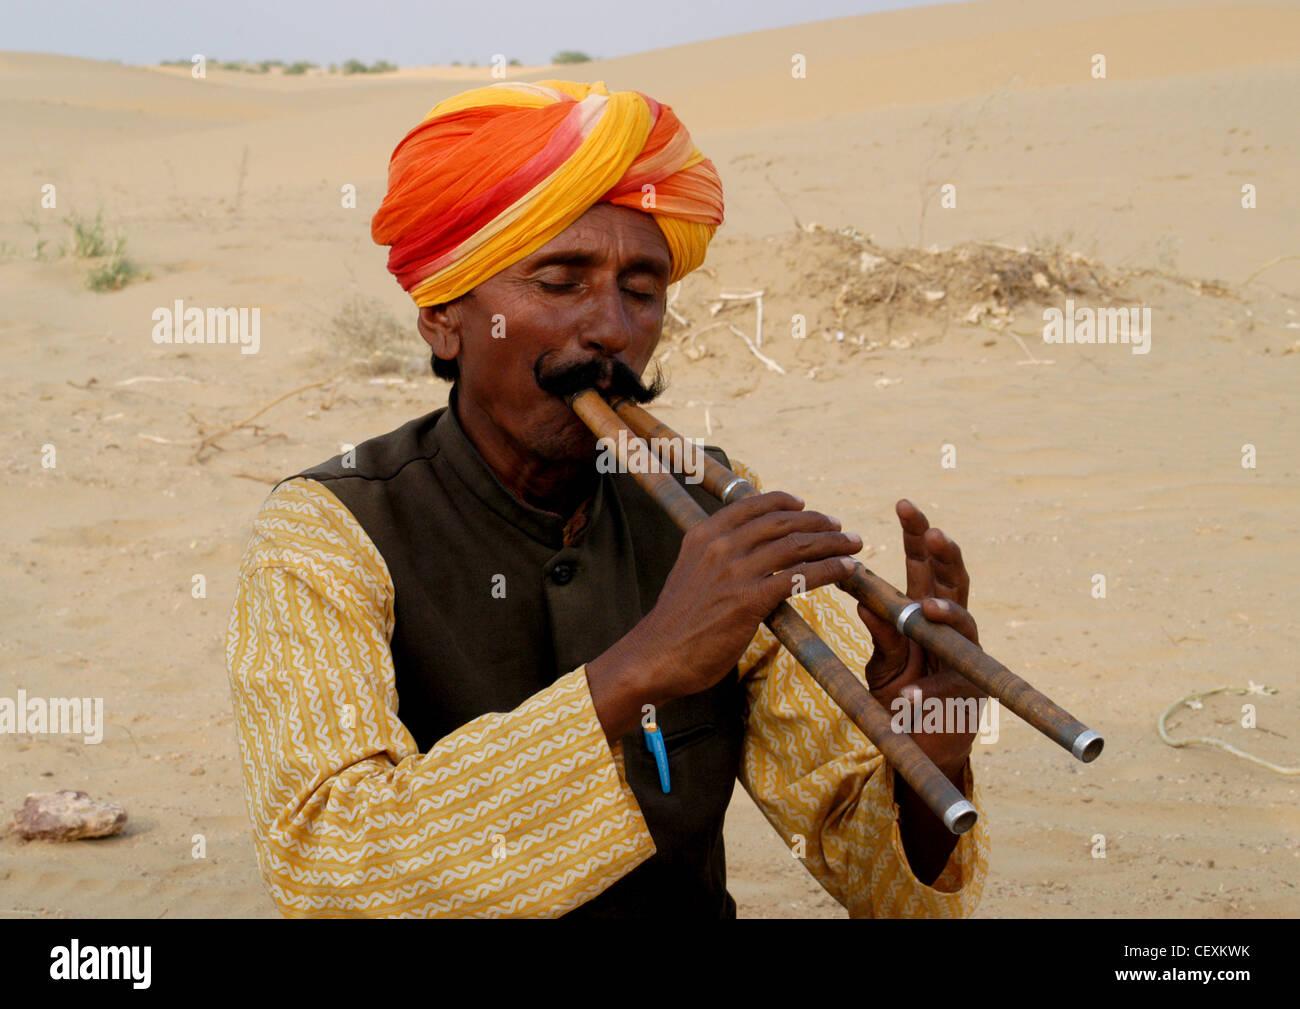 Rajput uomo con i baffi la riproduzione unica musica classica notevolmente con due flauti divertente turisti in Immagini Stock